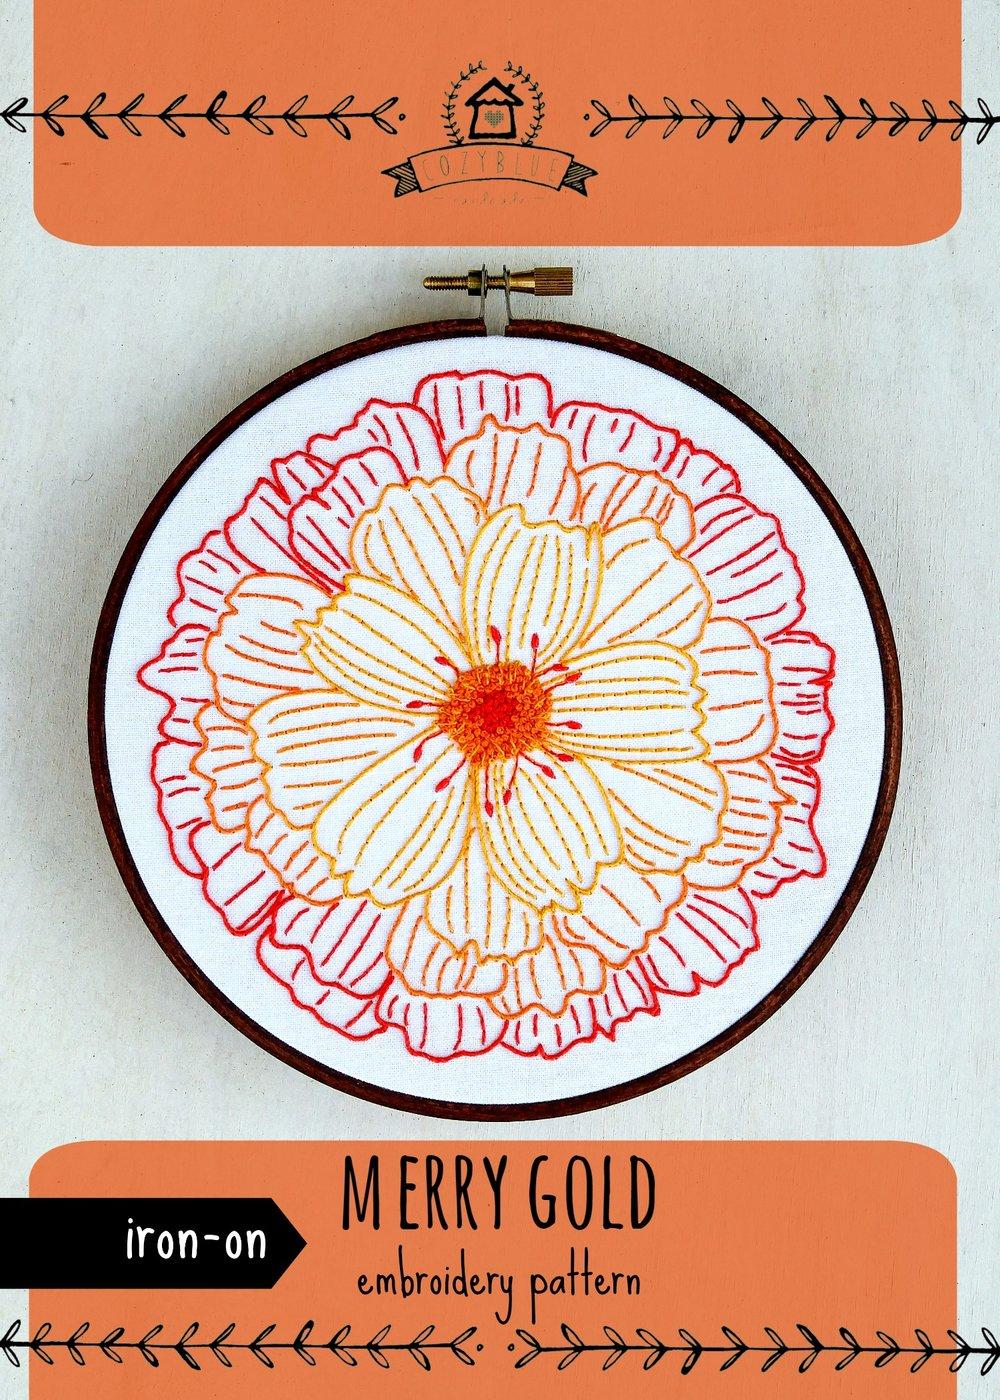 merrygold ironon cover.jpg